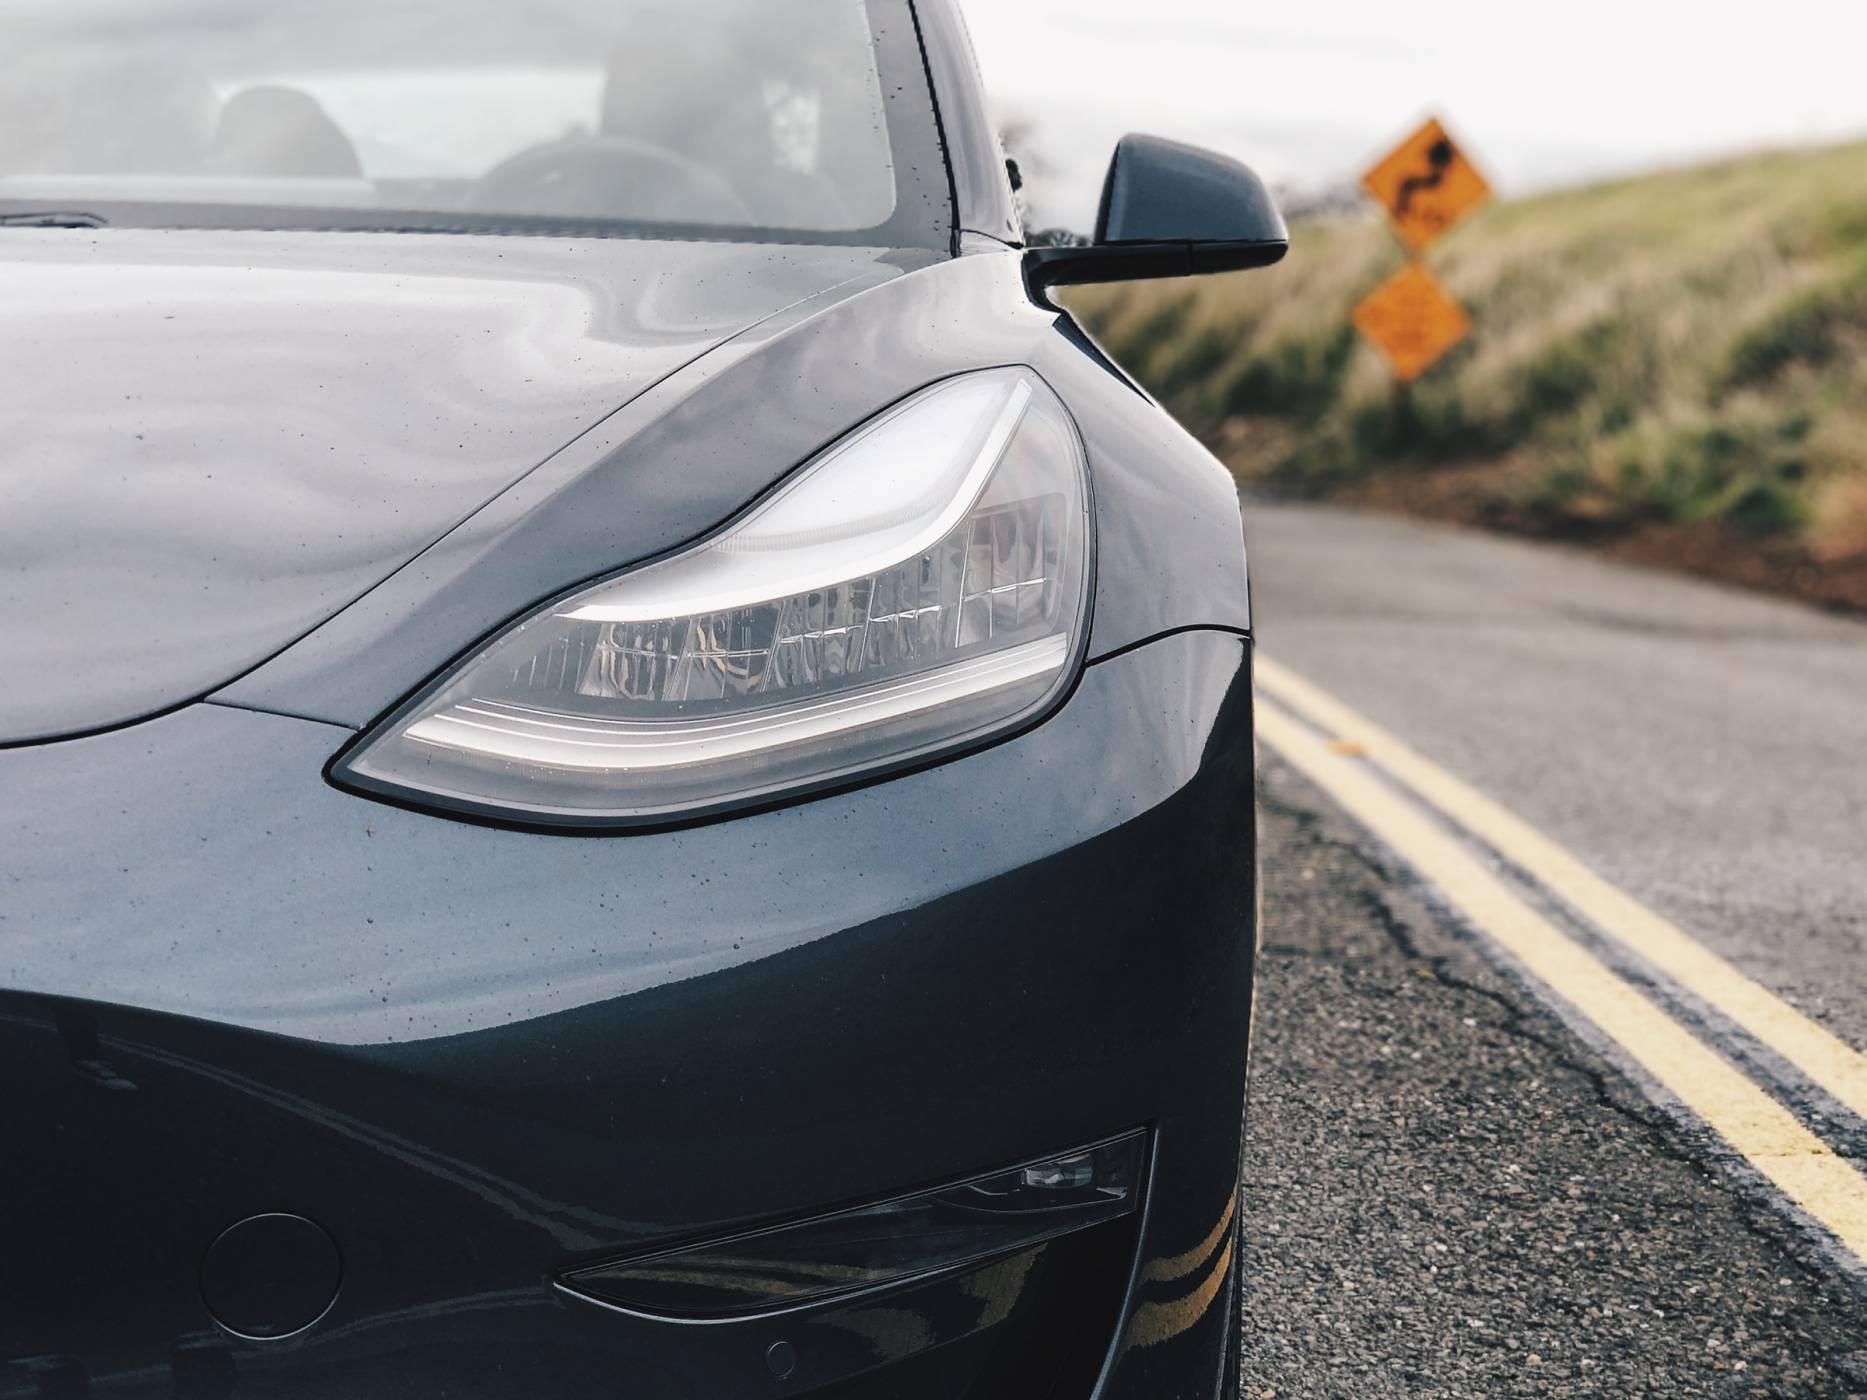 """Данък """"електрически автомобил"""" е таксата на бъдещето, която трудно ще избегнем"""